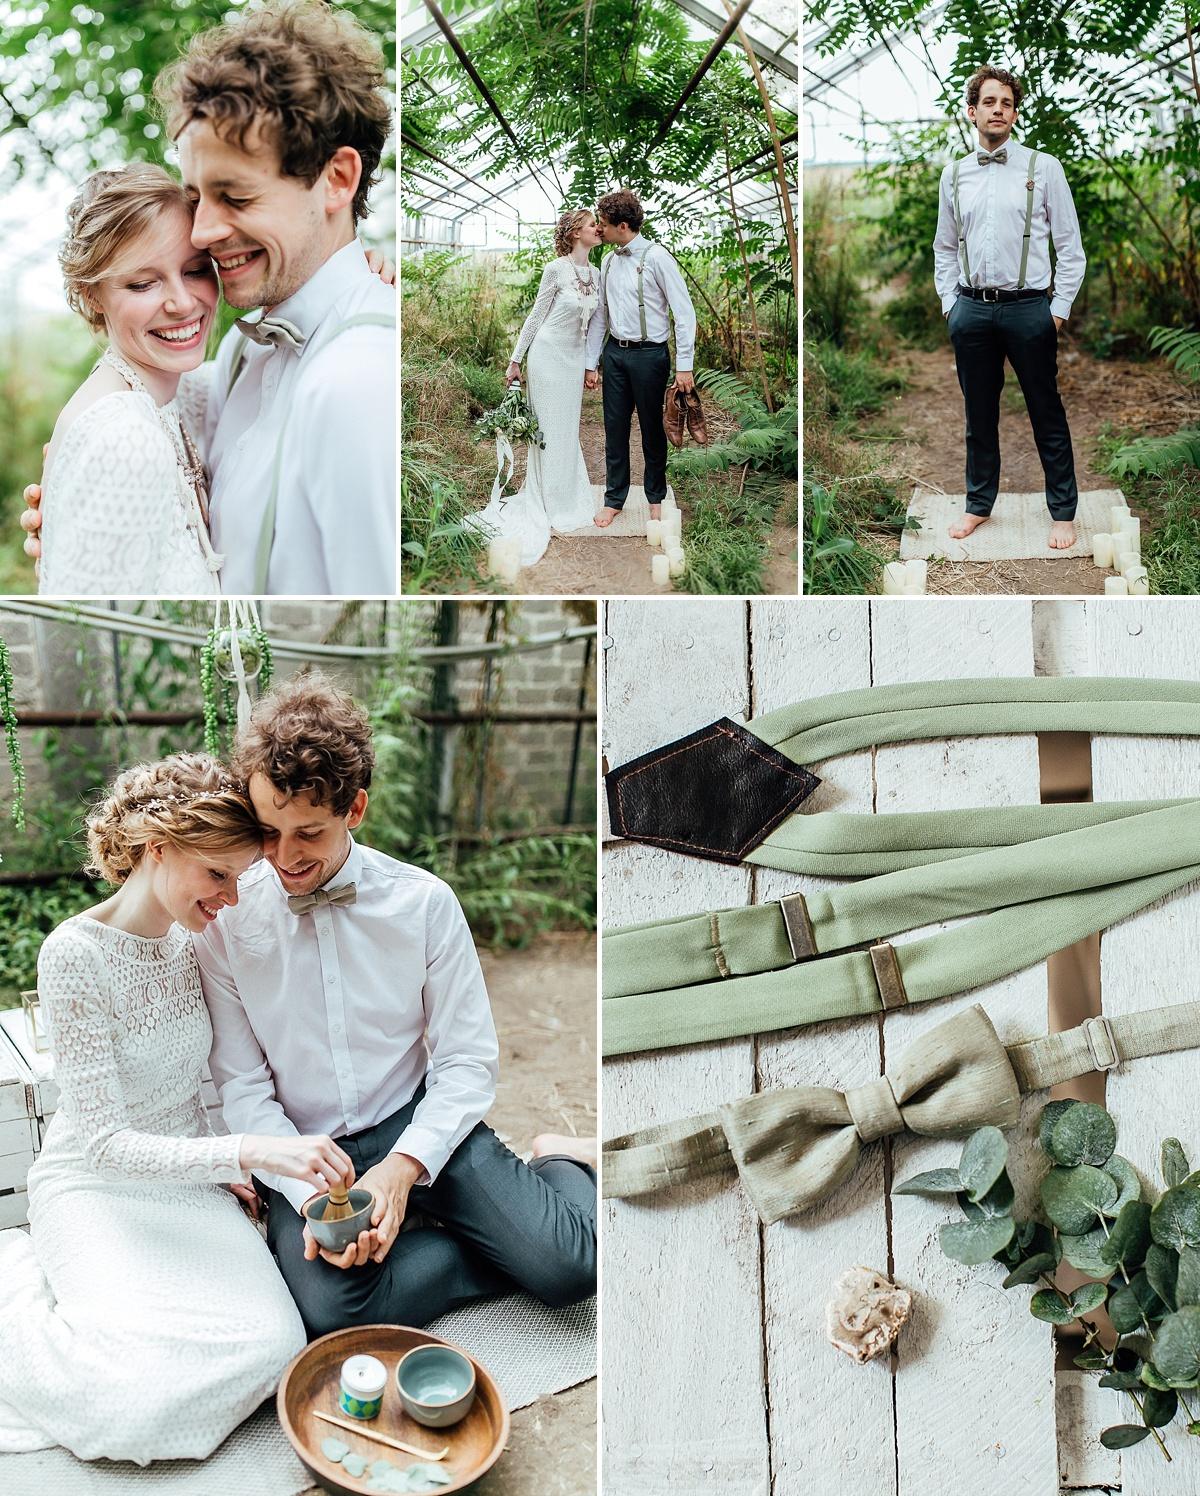 Hochzeit_gruen_Gewaechshaus_Matcha_0017